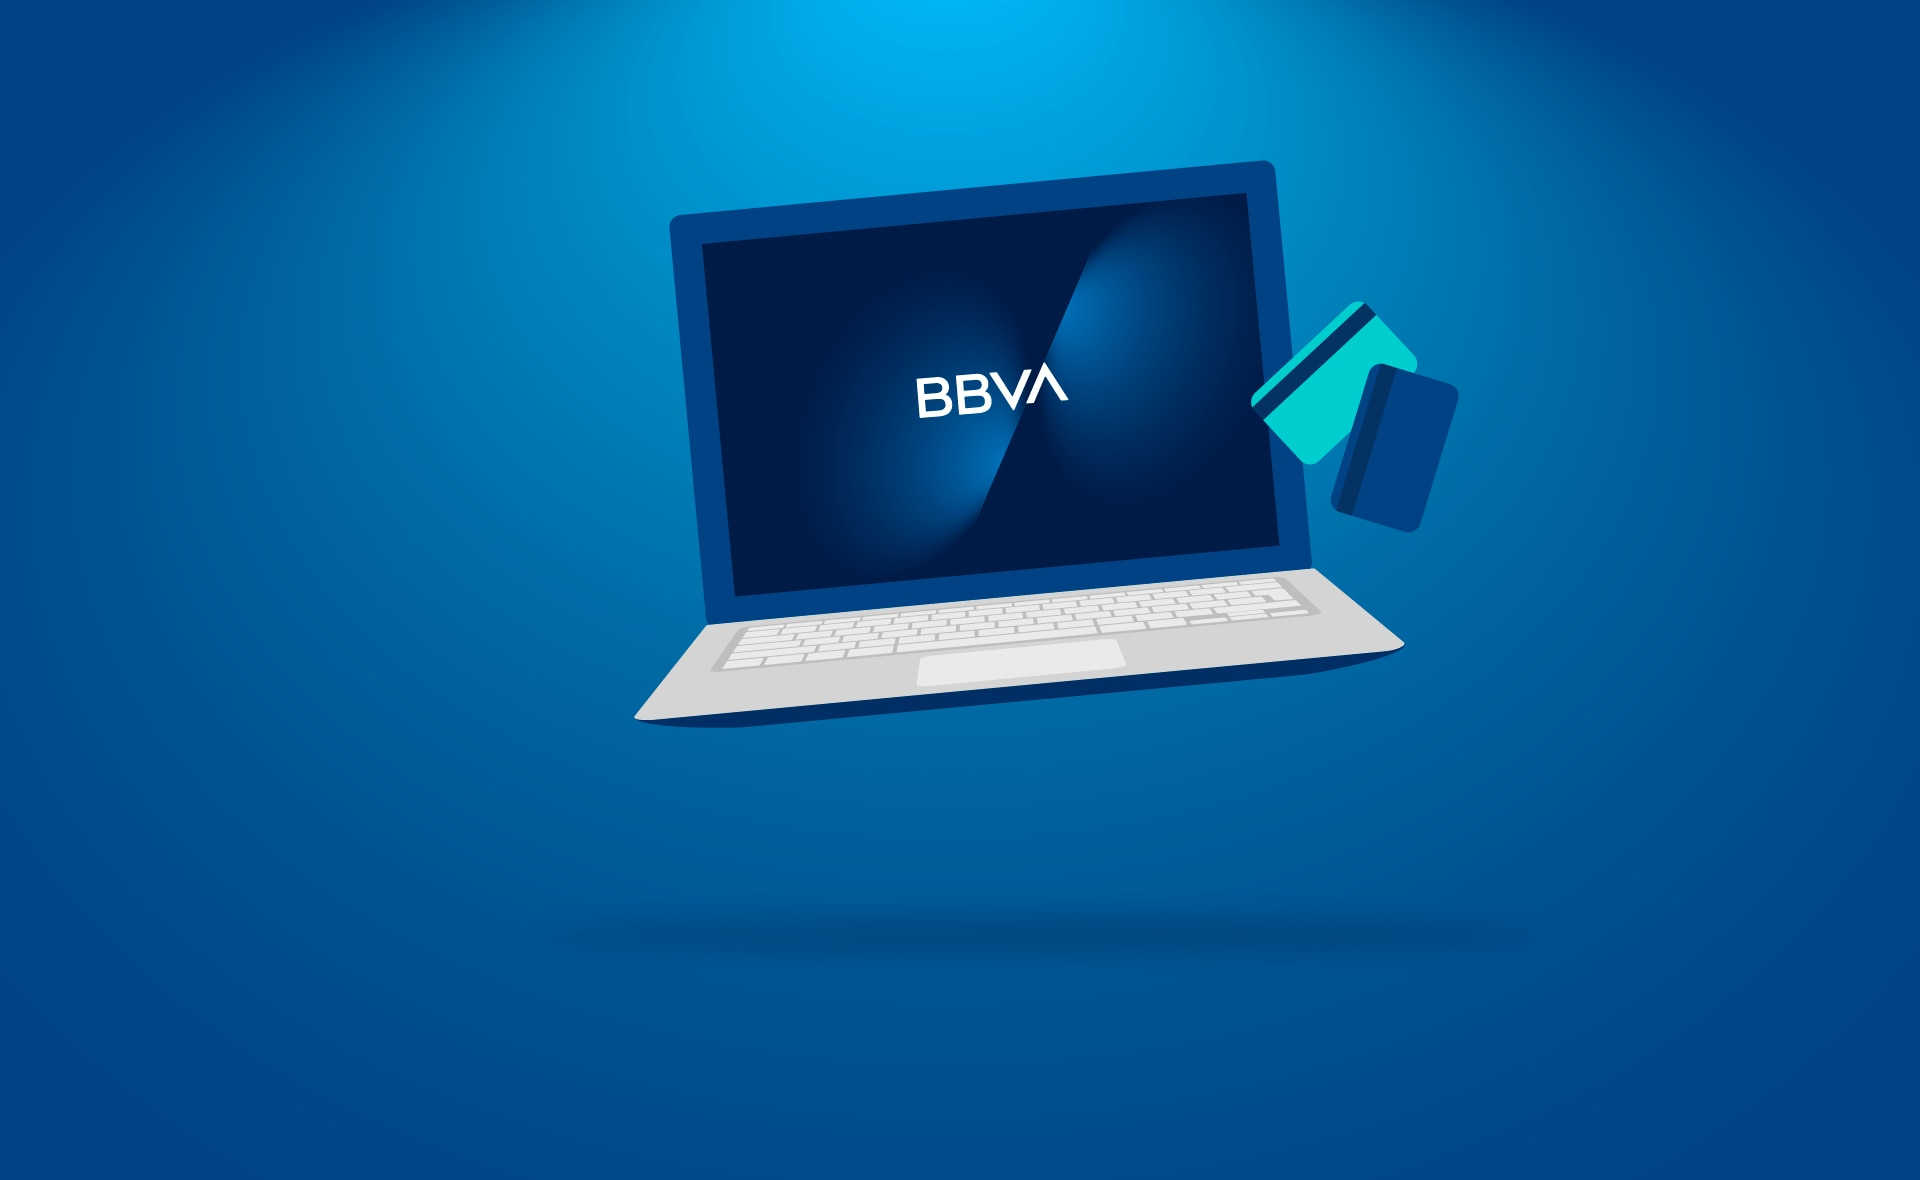 BBVA-tarjetas-portatil-digitalización-banco-economia